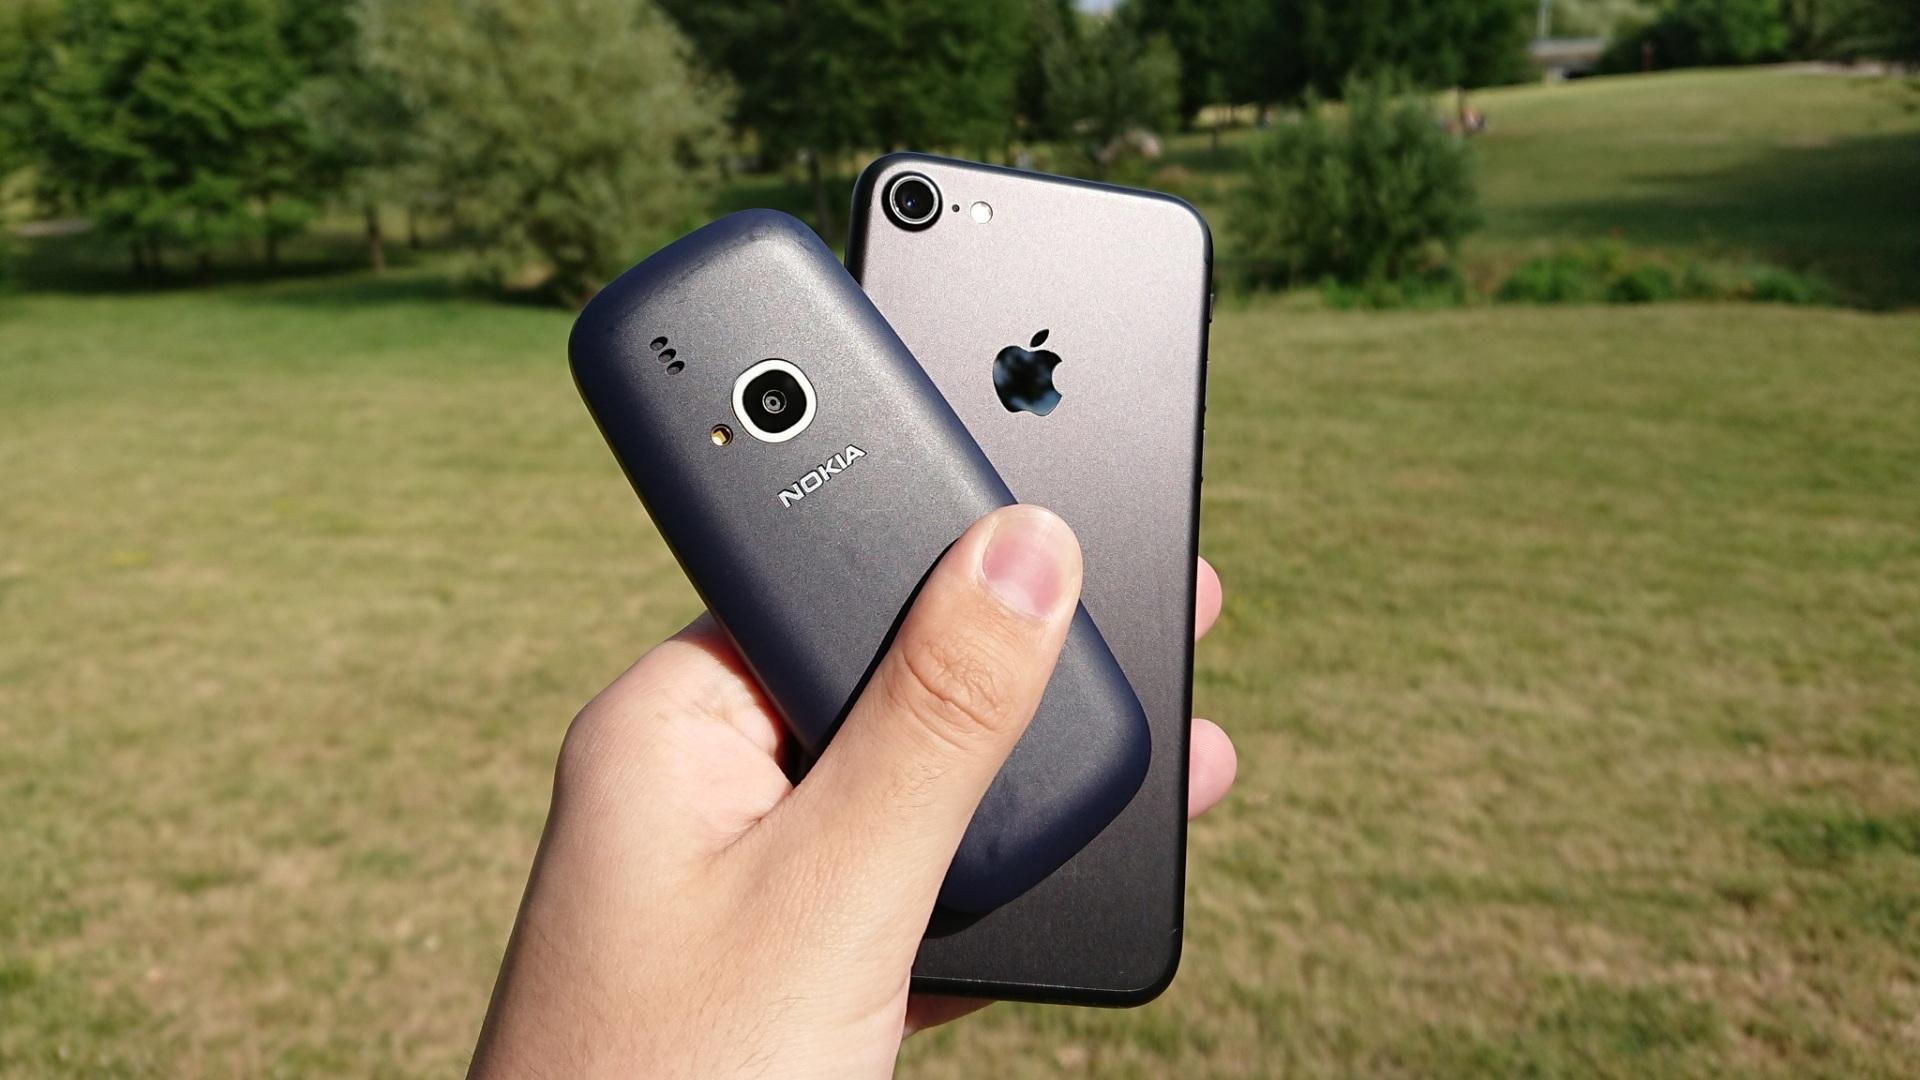 Fototest: Nokia 3310 (2017) vs. iPhone 7